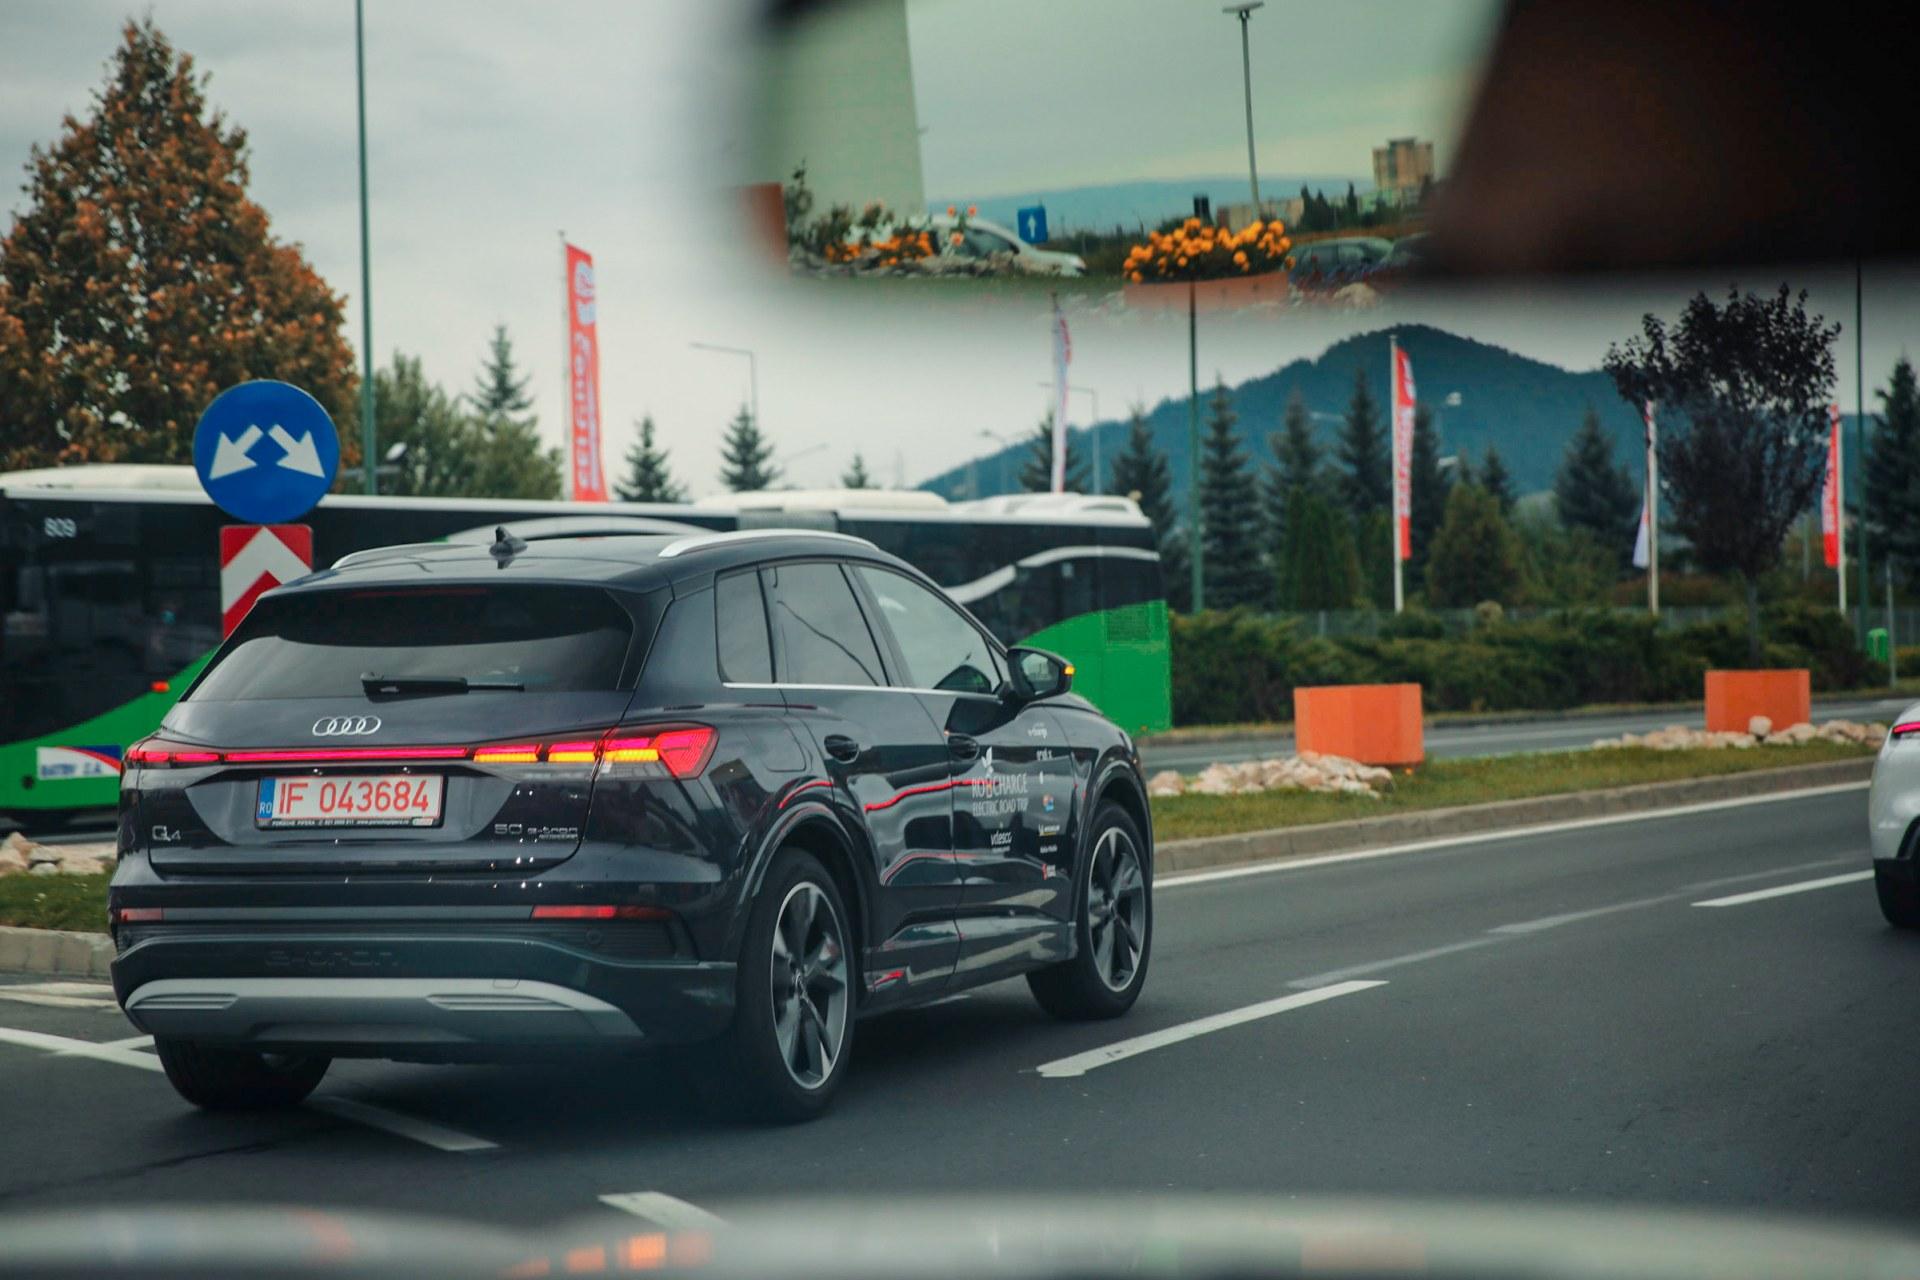 driven-2021-audi-q4-e-tron-50-quattro-audi-s-version-of-the-id4_52.jpg